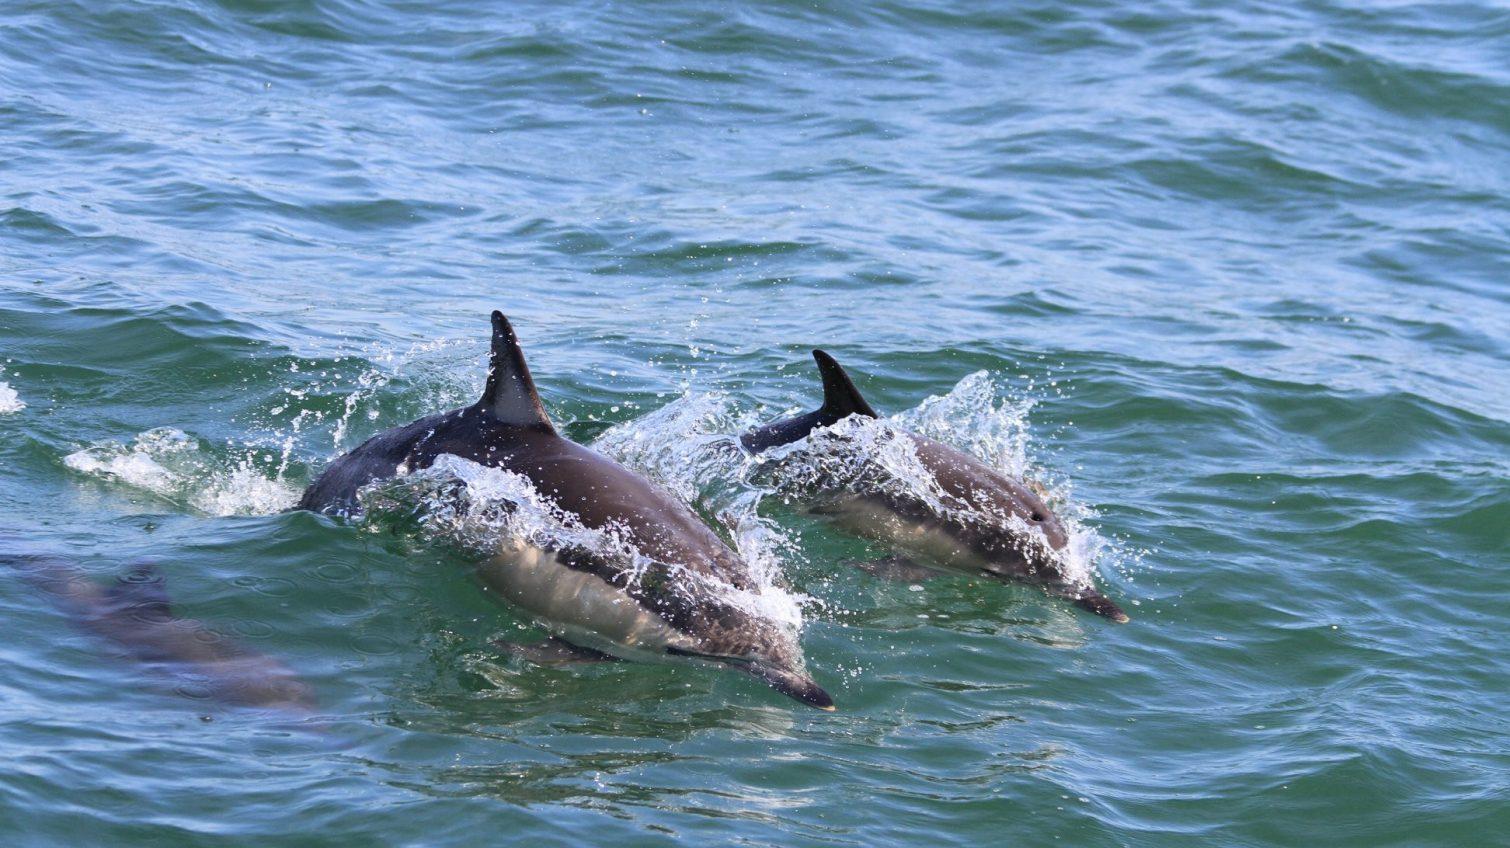 Экологи в Черном море считают и фотографируют дельфинов, чтобы отслеживать миграцию (фото) «фото»